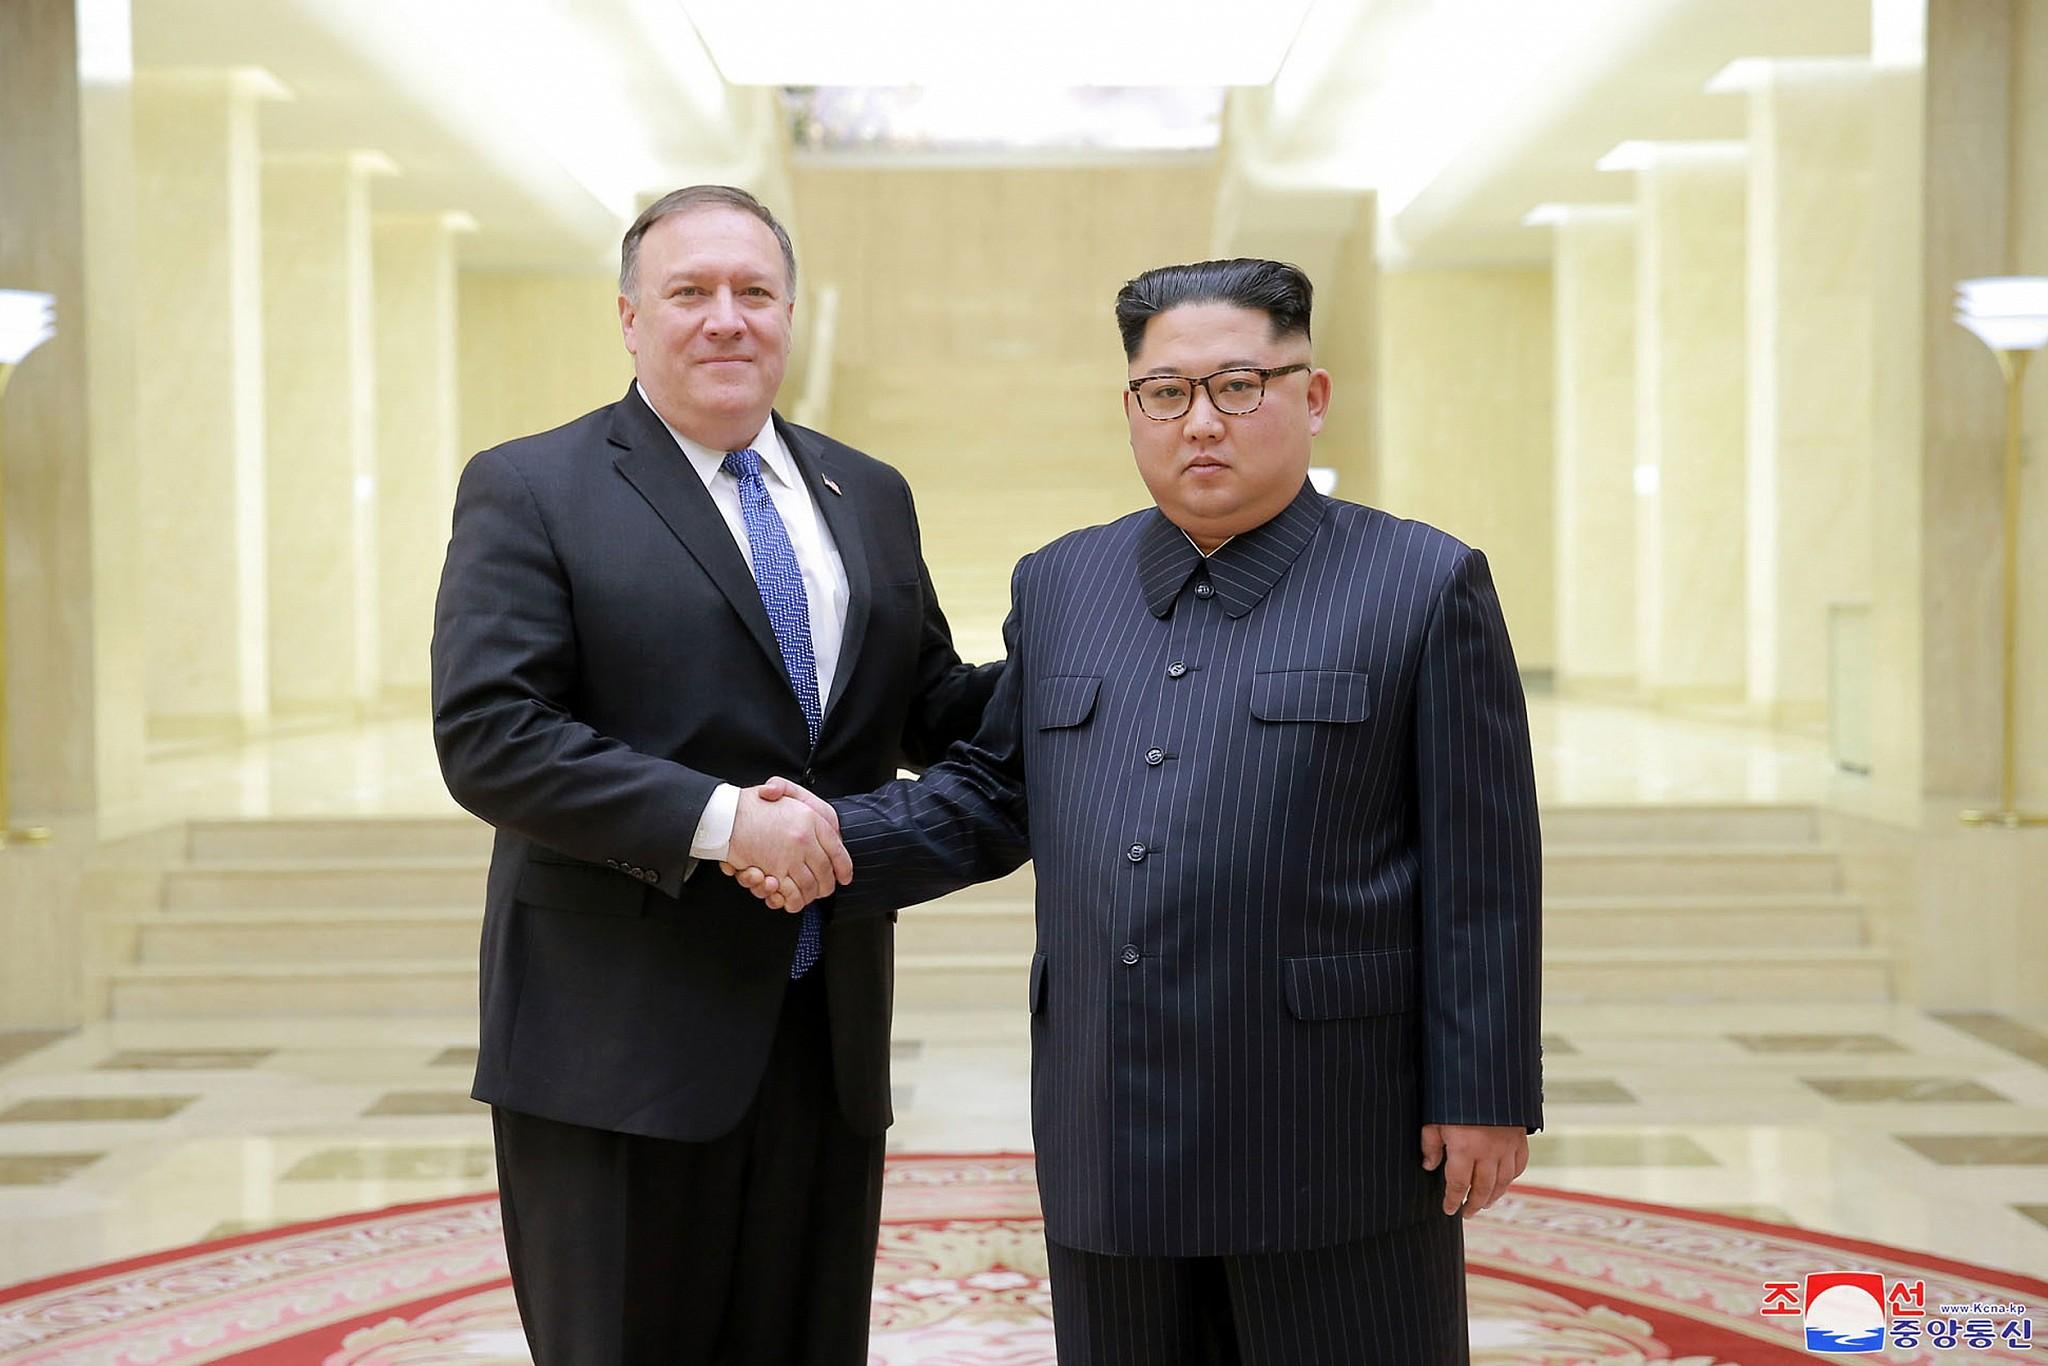 كوريا الشمالية تريد استبدال بومبيو في المحادثات النووية